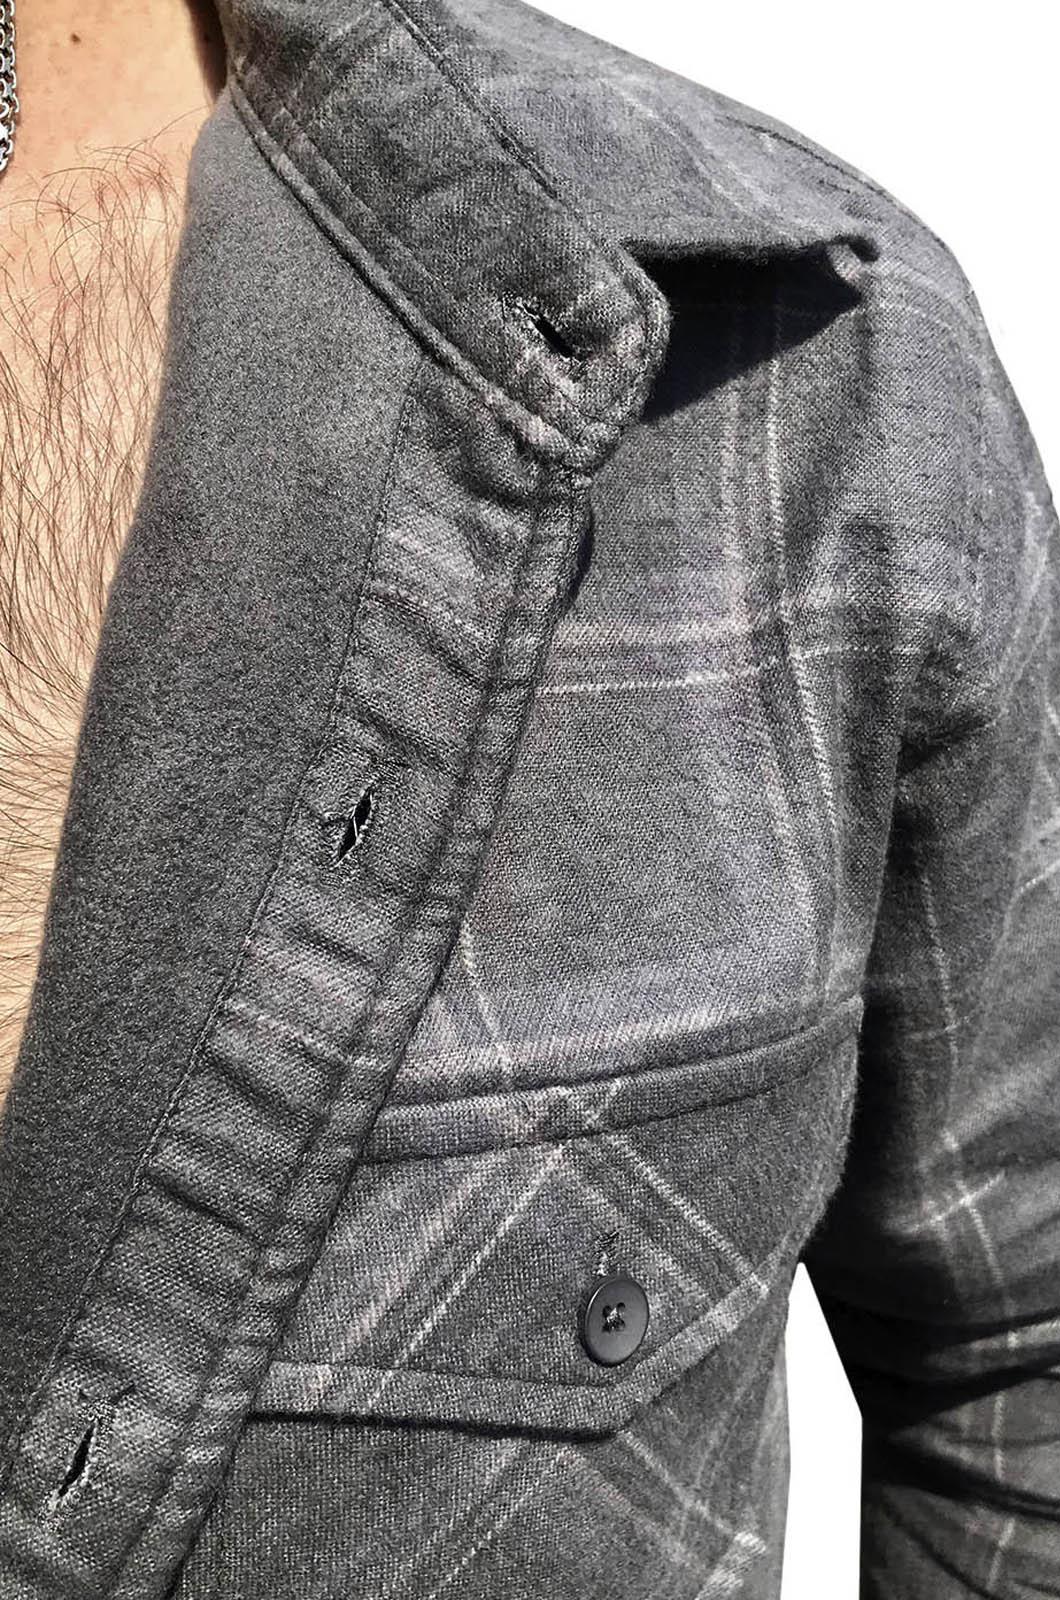 Строгая серая рубашка с вышитым флагом Чехии -купить в Военпро